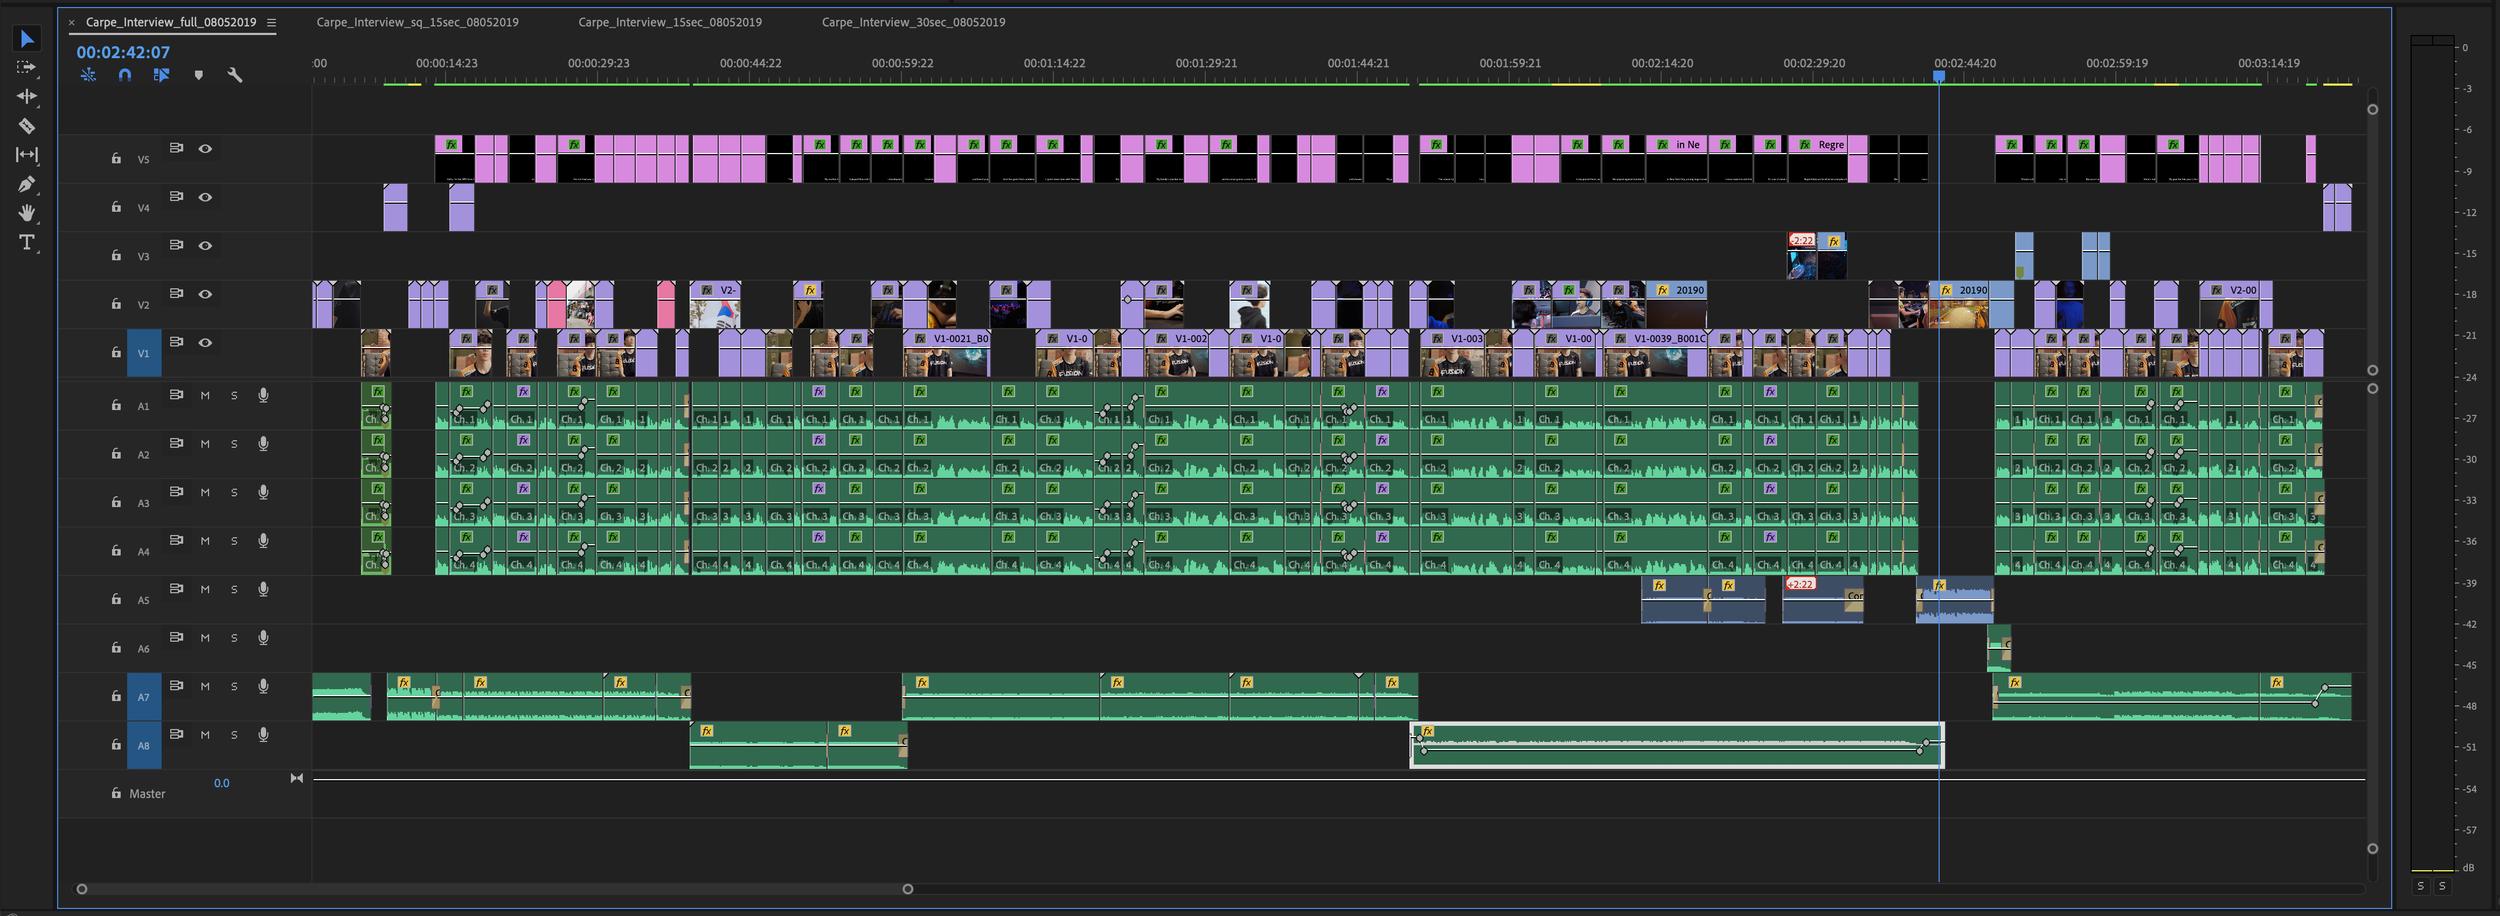 Premiere Pro timeline on Mac